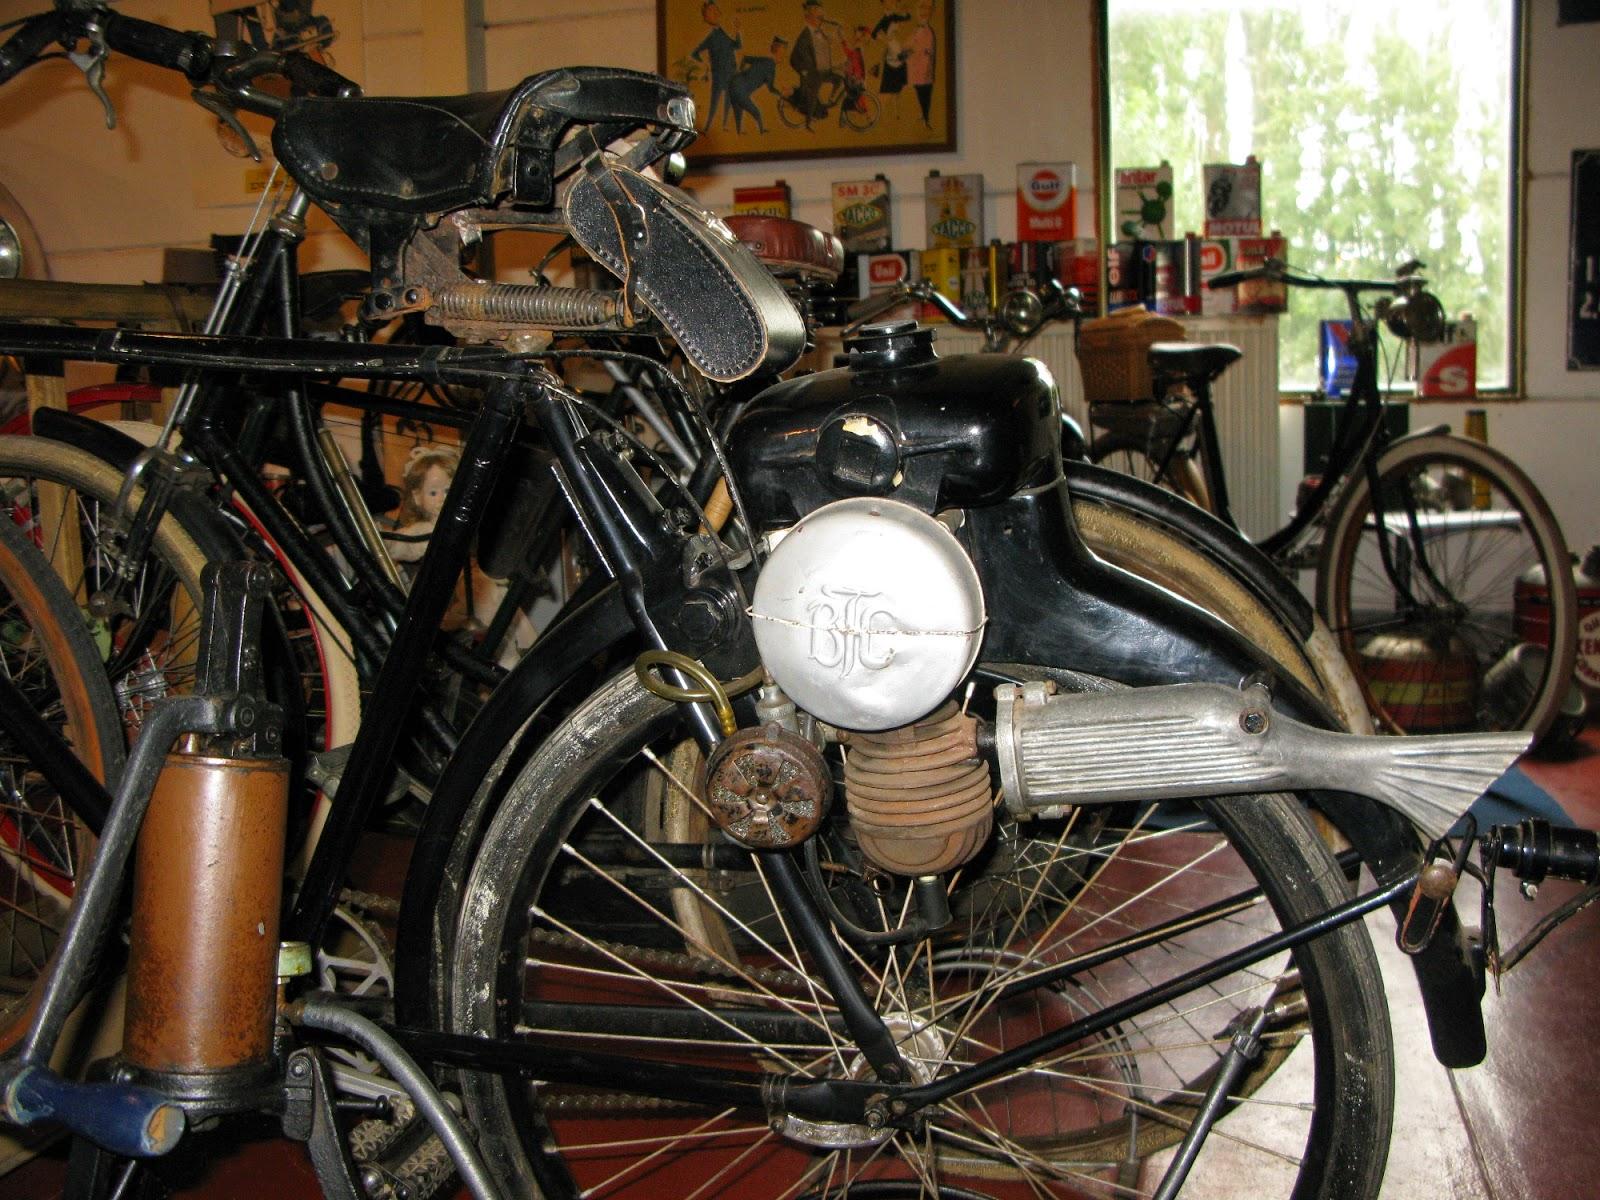 Danish BTC cyclemotor from 1951